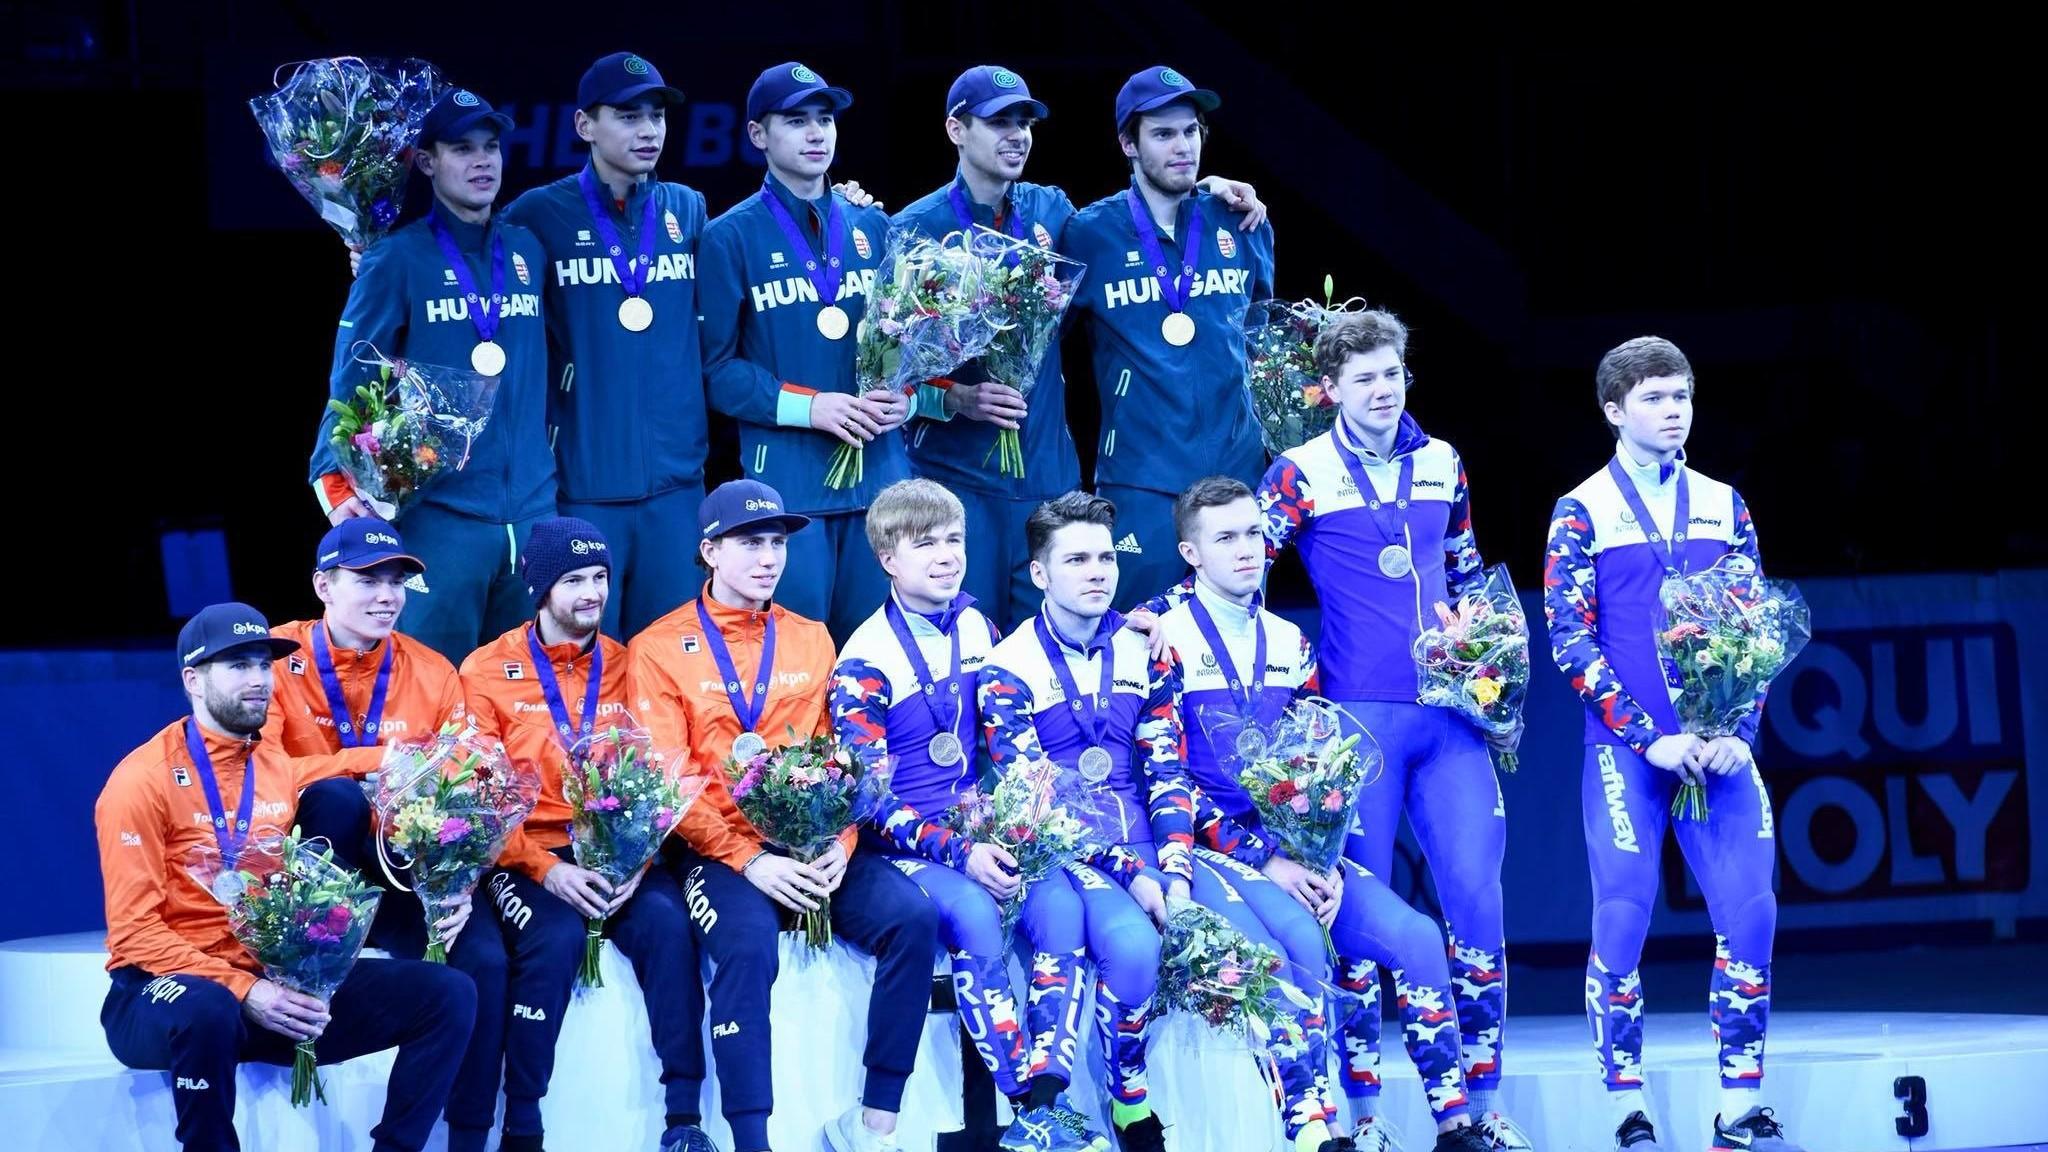 Magyarország végzett az éremtáblázat élén a dordrechti rövidpályás gyorskorcsolya Európa-bajnokságon